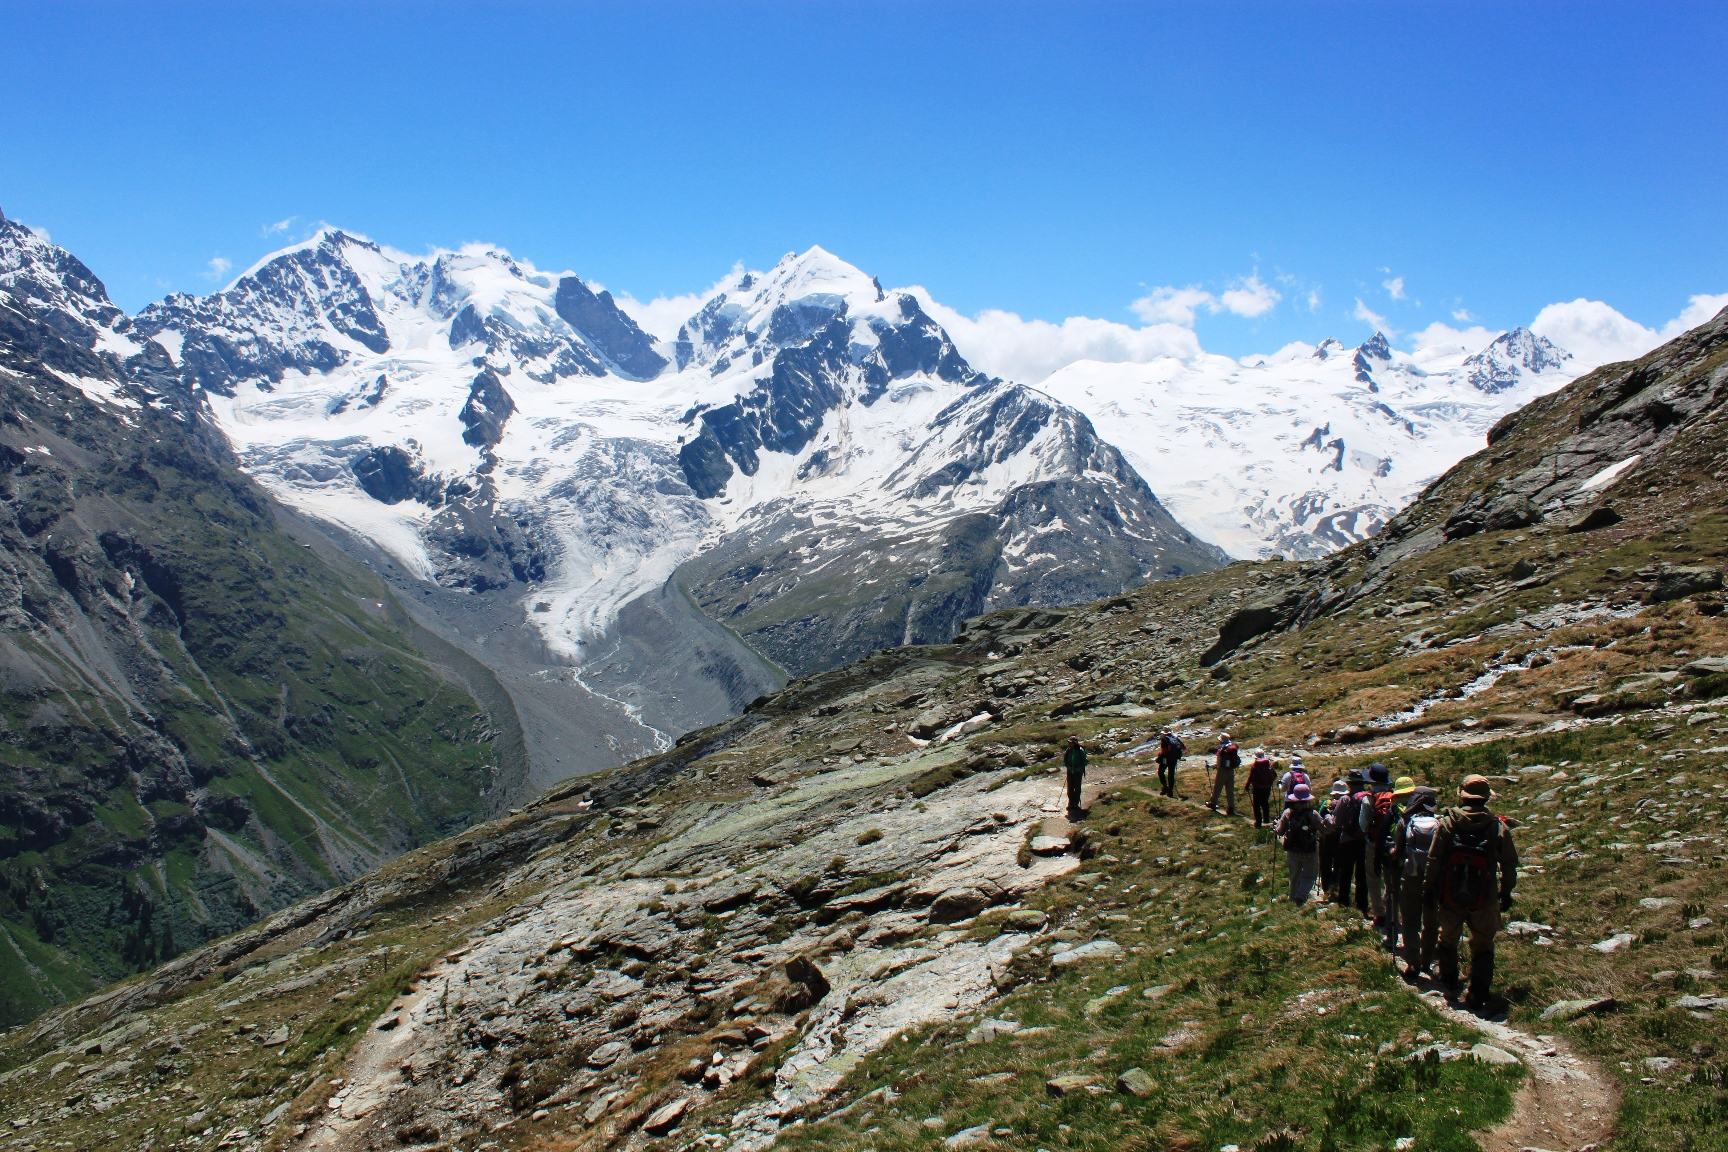 スイス途中下車の旅  知られざる厳選ルートを歩く 11日間